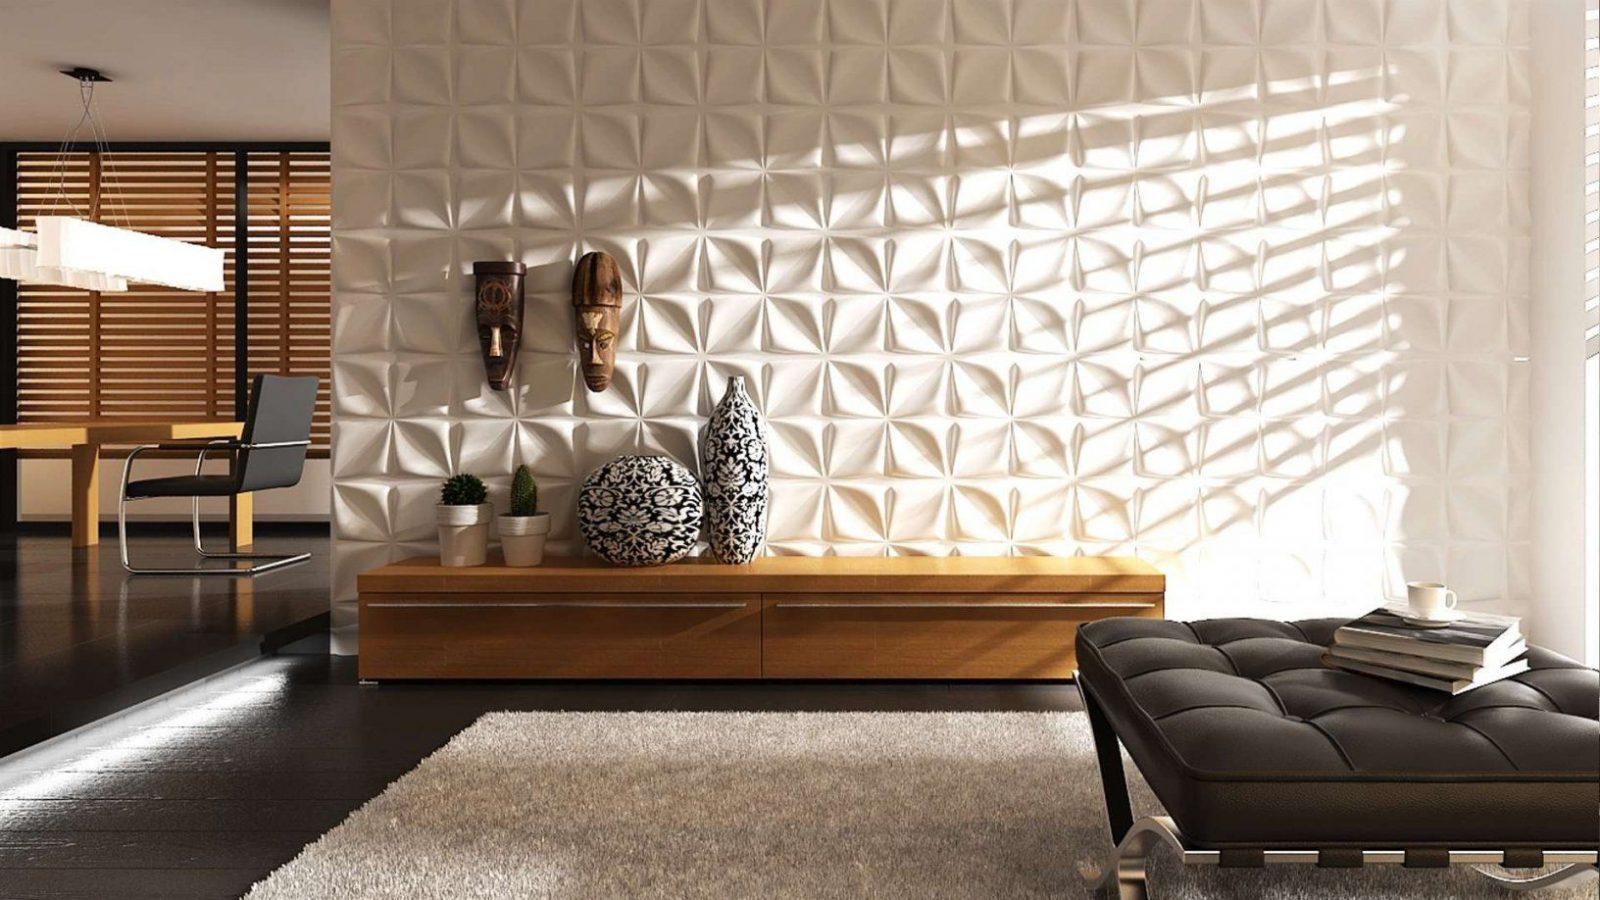 Fototapete 3D Stein Mit 3D Tapete Schön Stein Tapete 3D Wohnzimmer von Stein Tapete 3D Wohnzimmer Photo